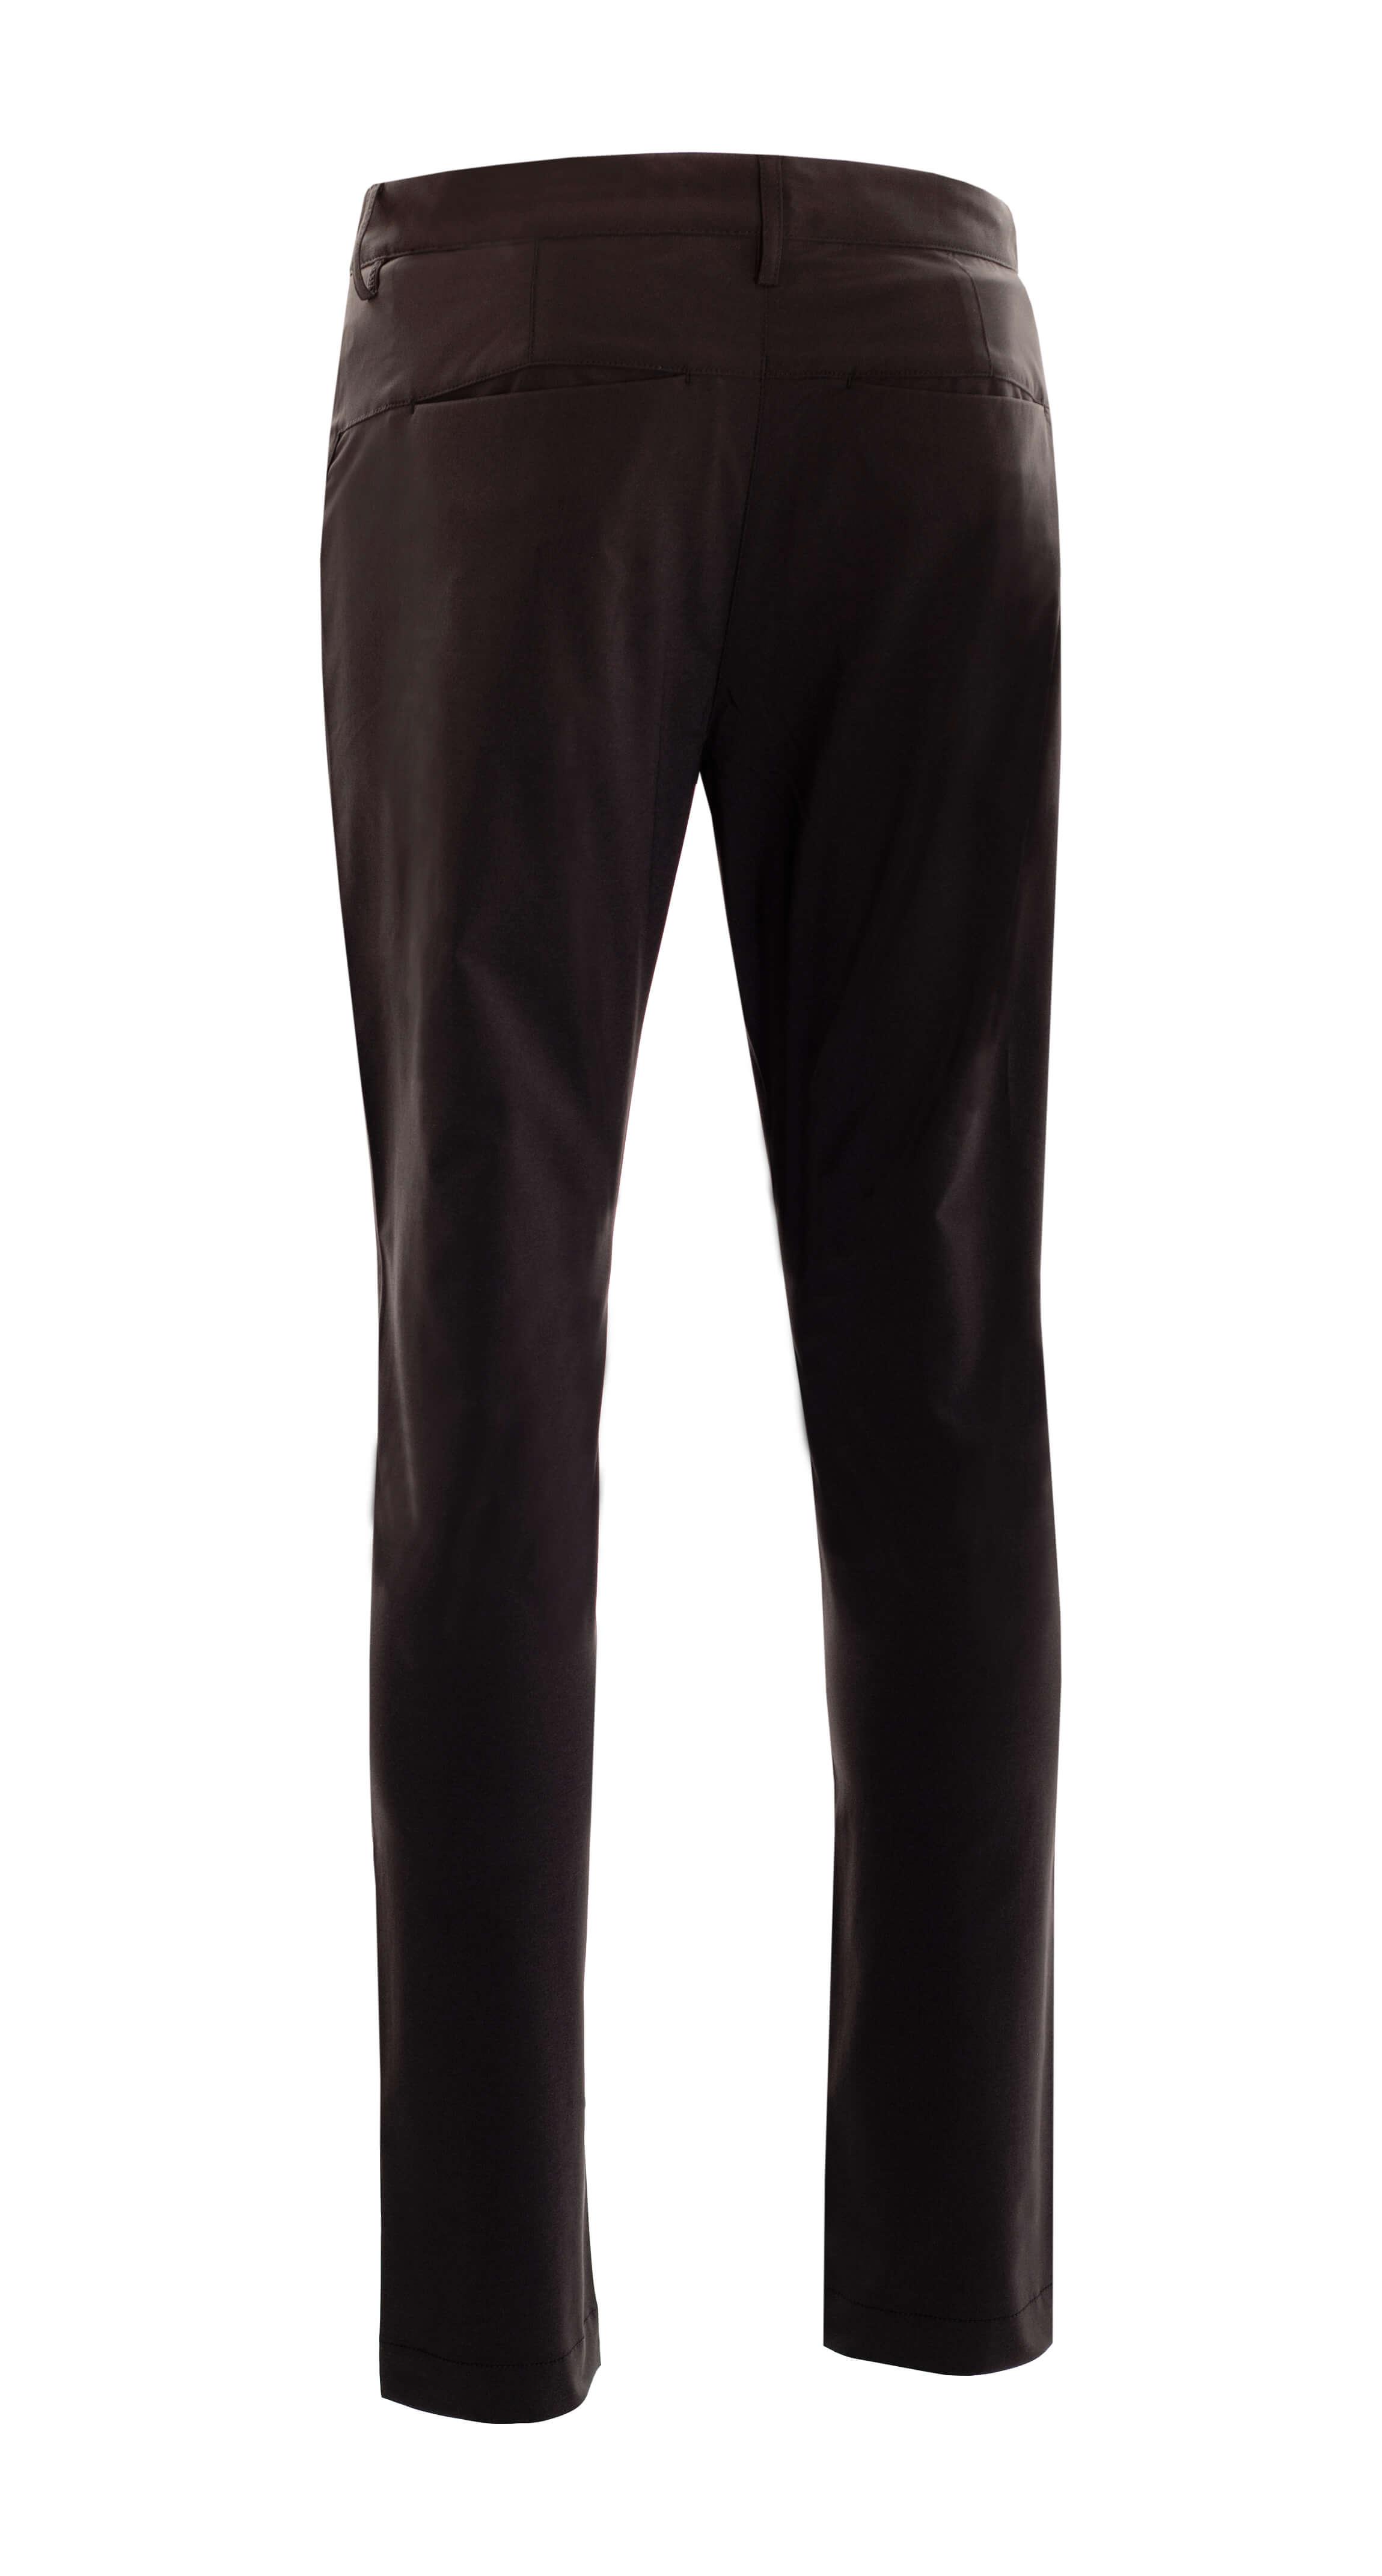 Calvin-Klein-Golf-Mens-CK-Tech-Slim-Fit-Lightweight-Trousers-56-OFF-RRP thumbnail 3